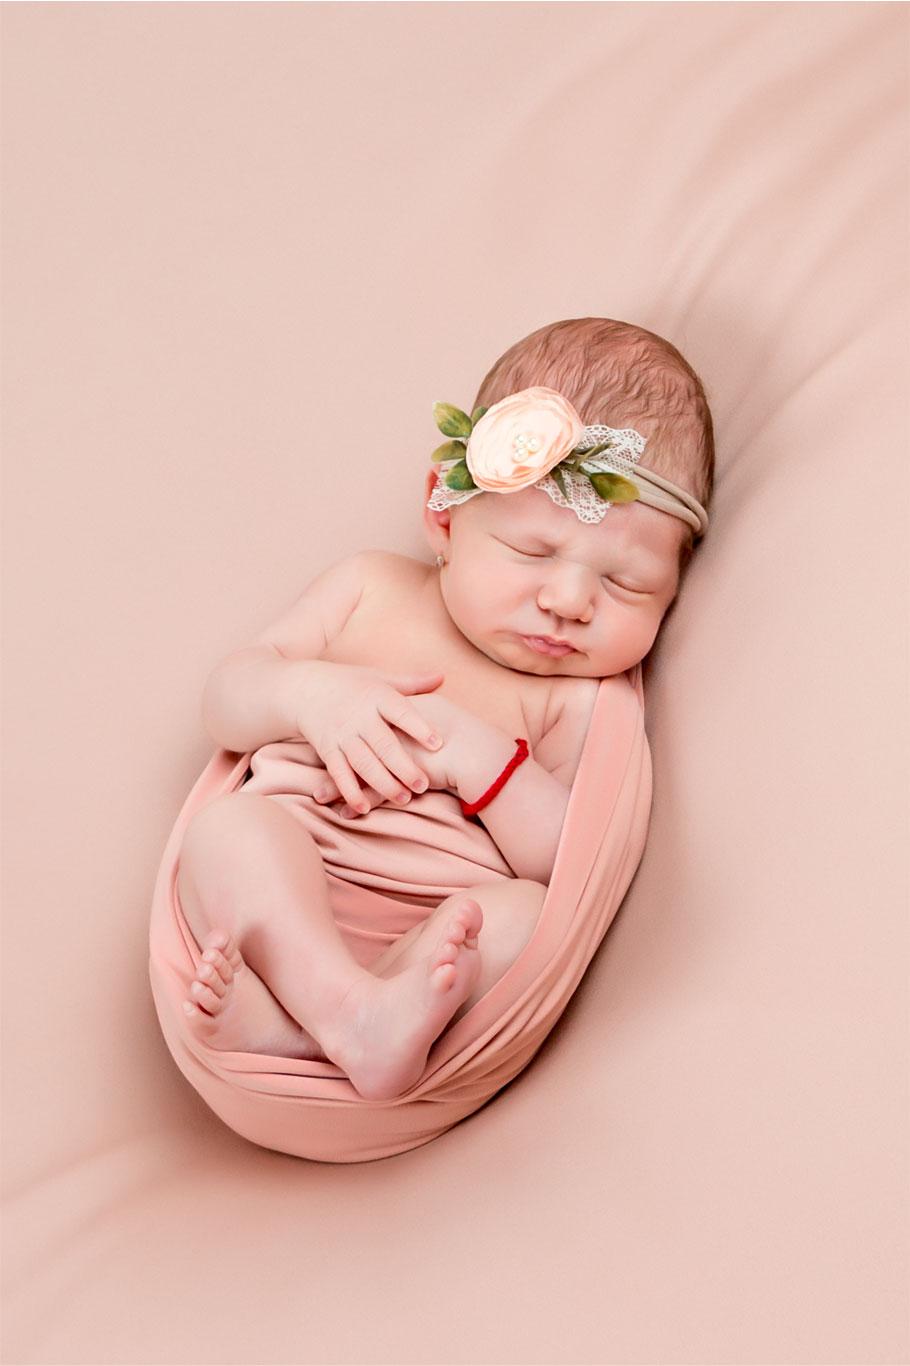 nežna slika bebe sa roza cvetom u kosi na roza prekrivaču